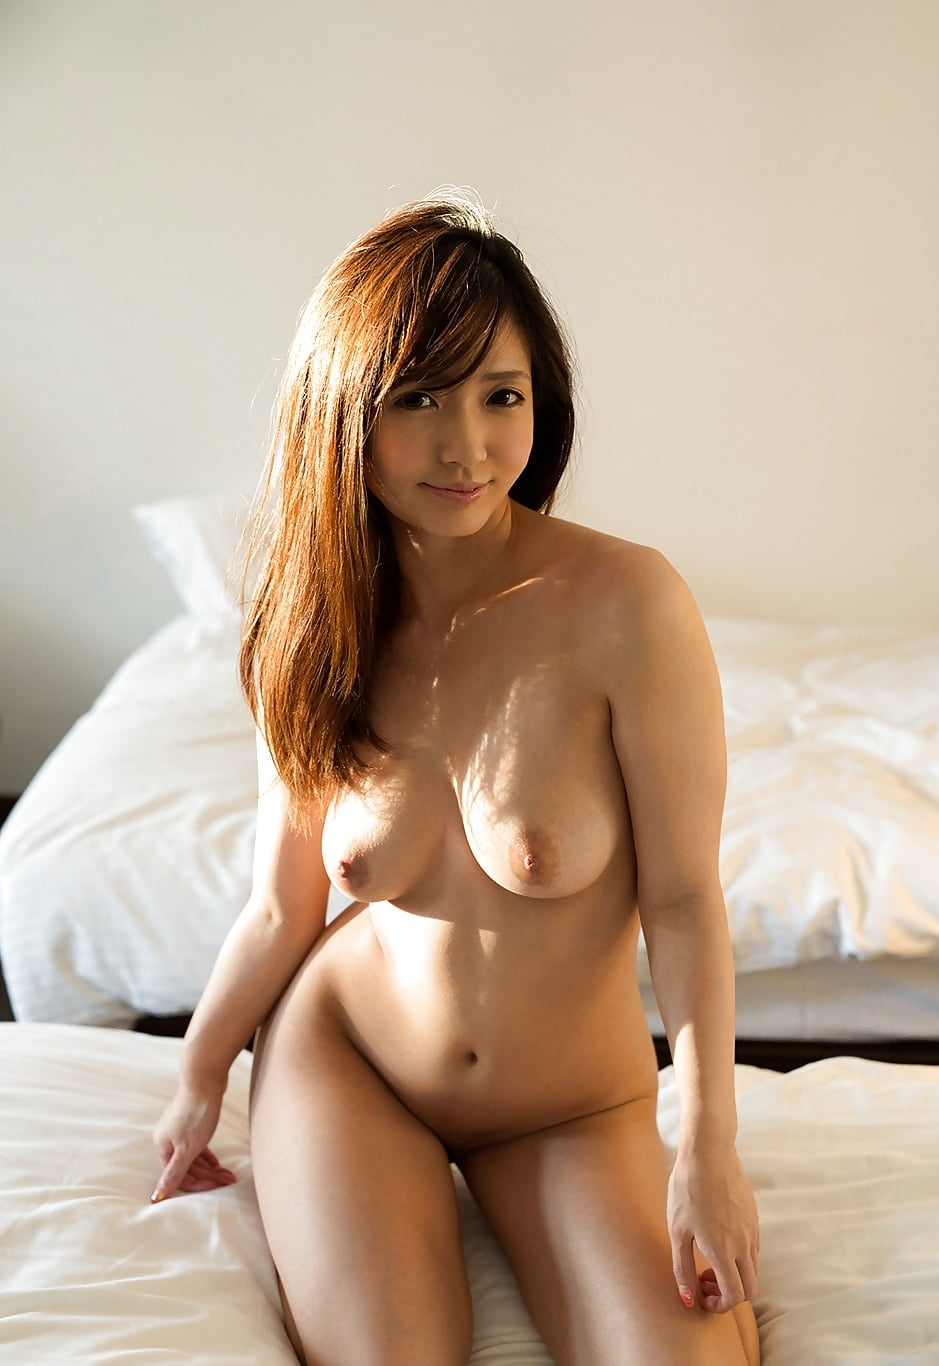 お天気お姉さんがビーチで全裸ヌード → ハメ撮りセックス画像 18